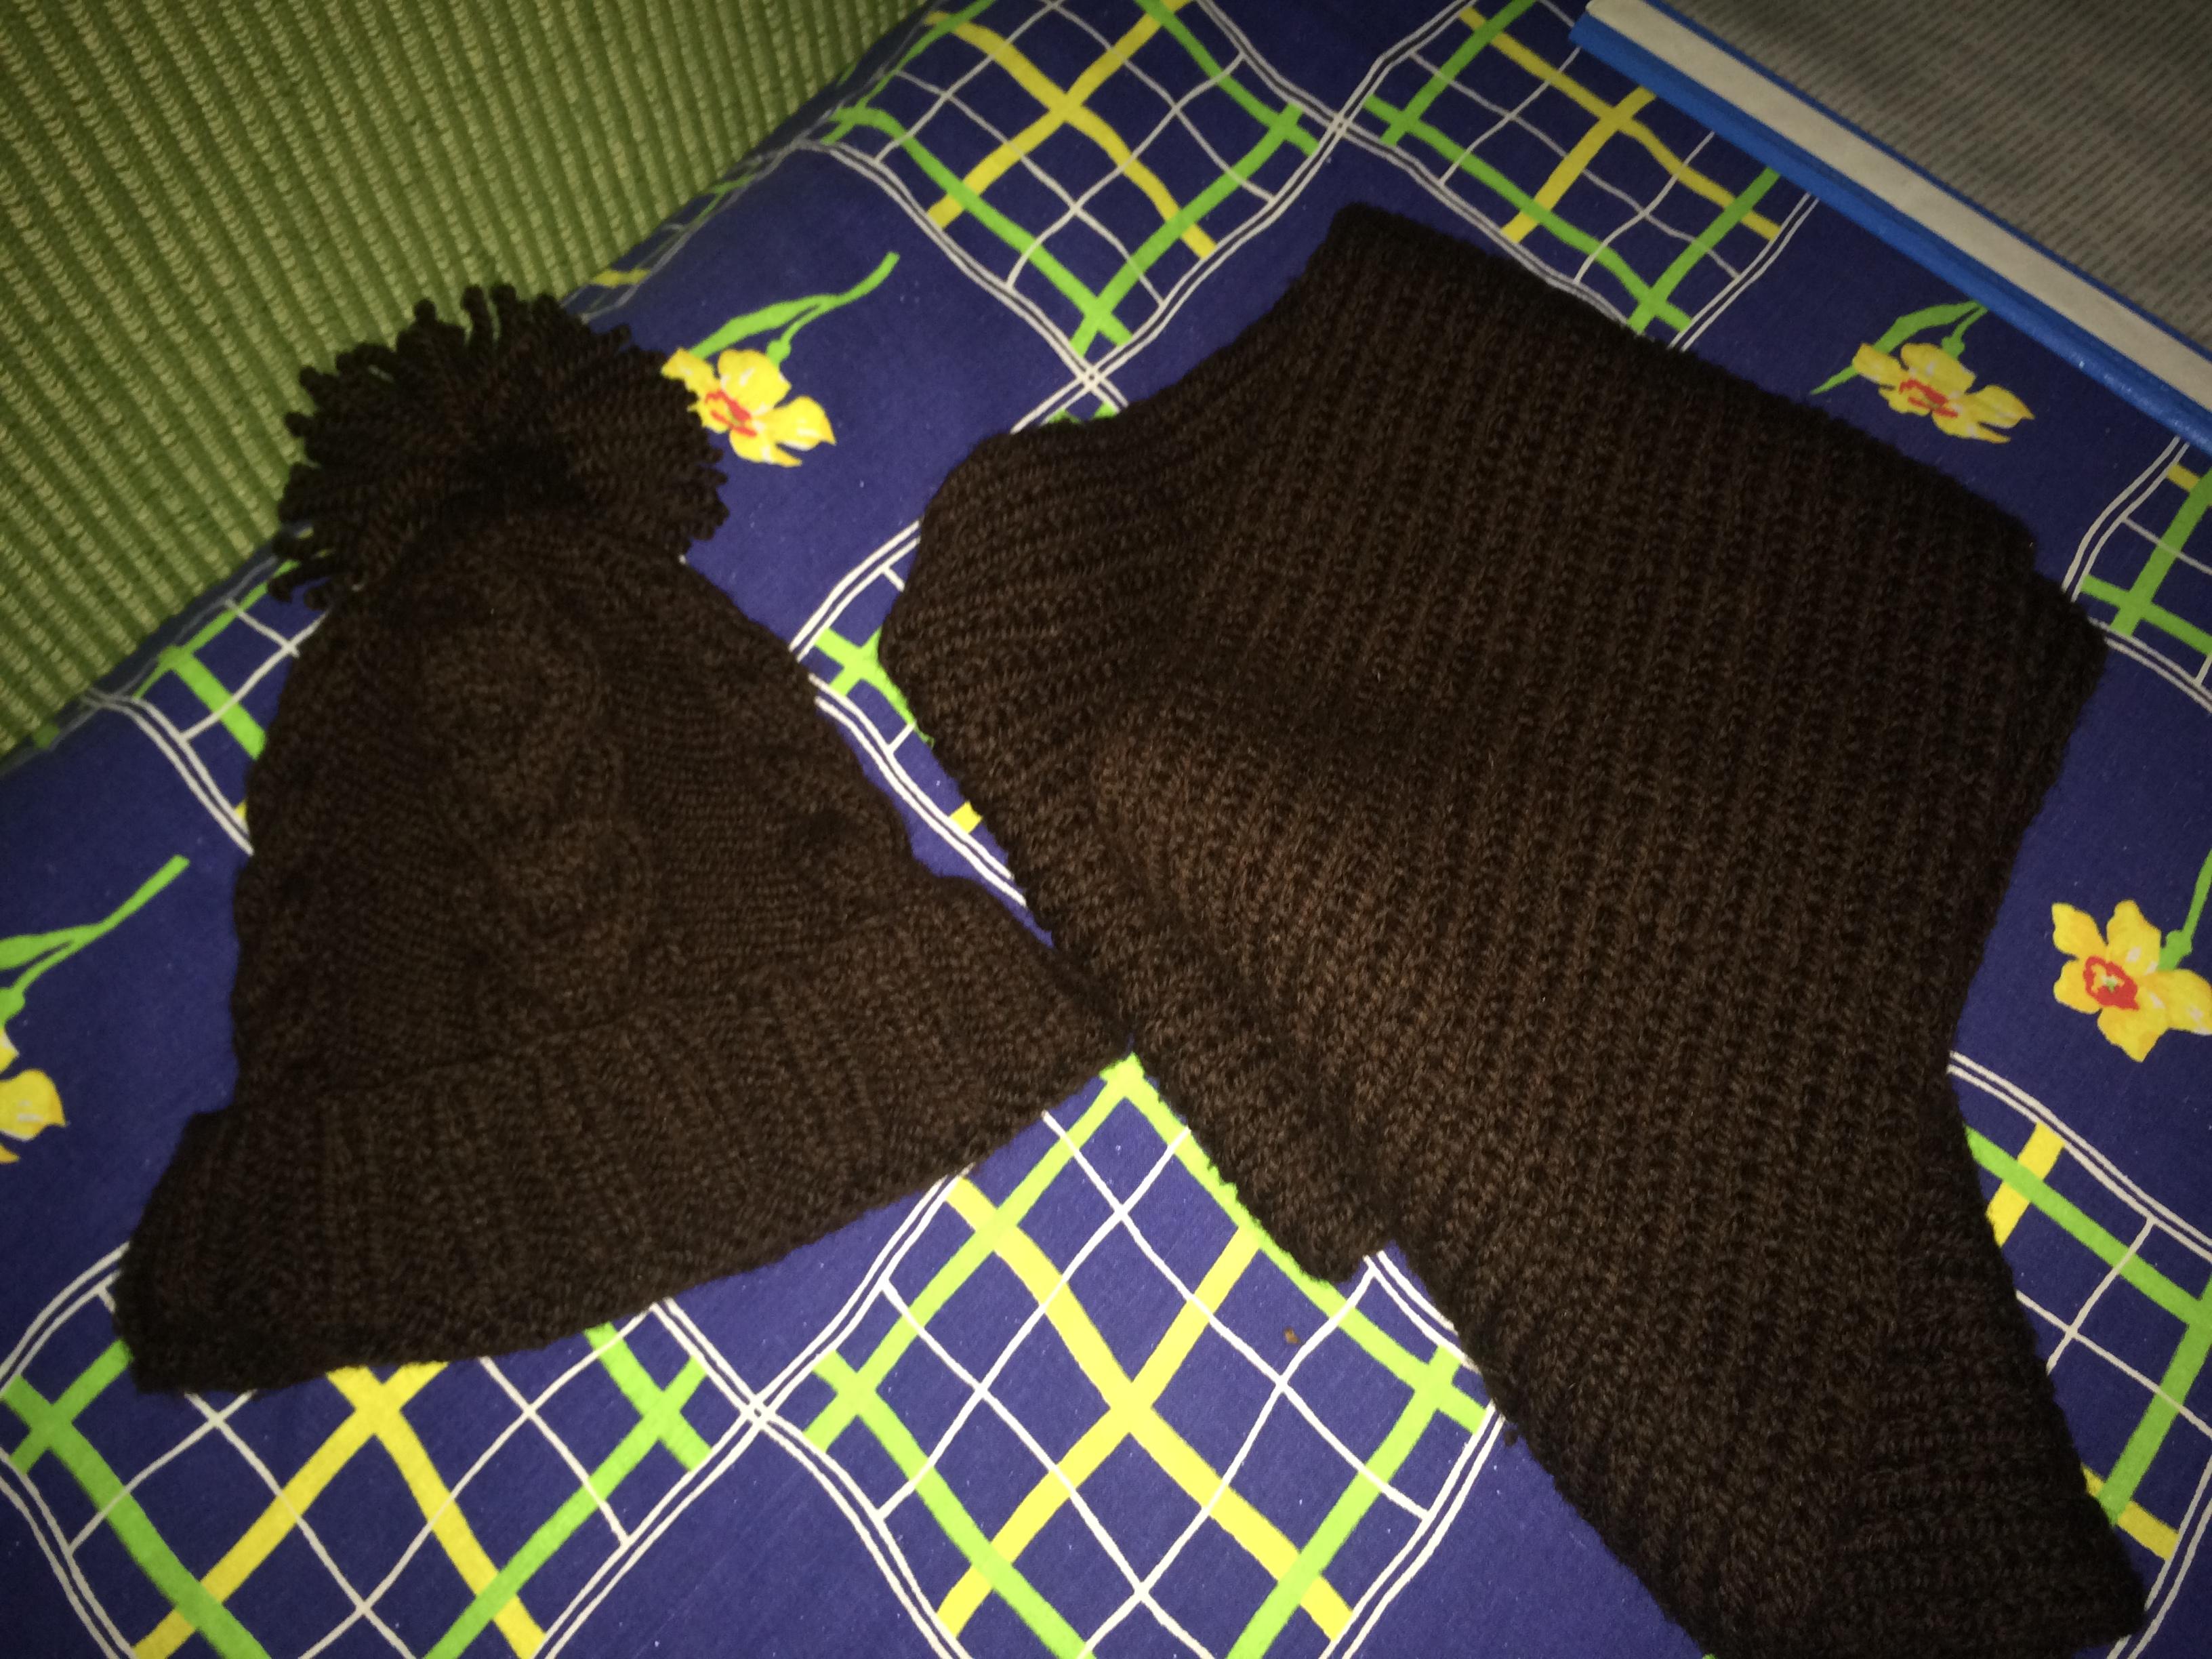 Вязание спицами, вязание крючком. Бесплатные схемы вязания